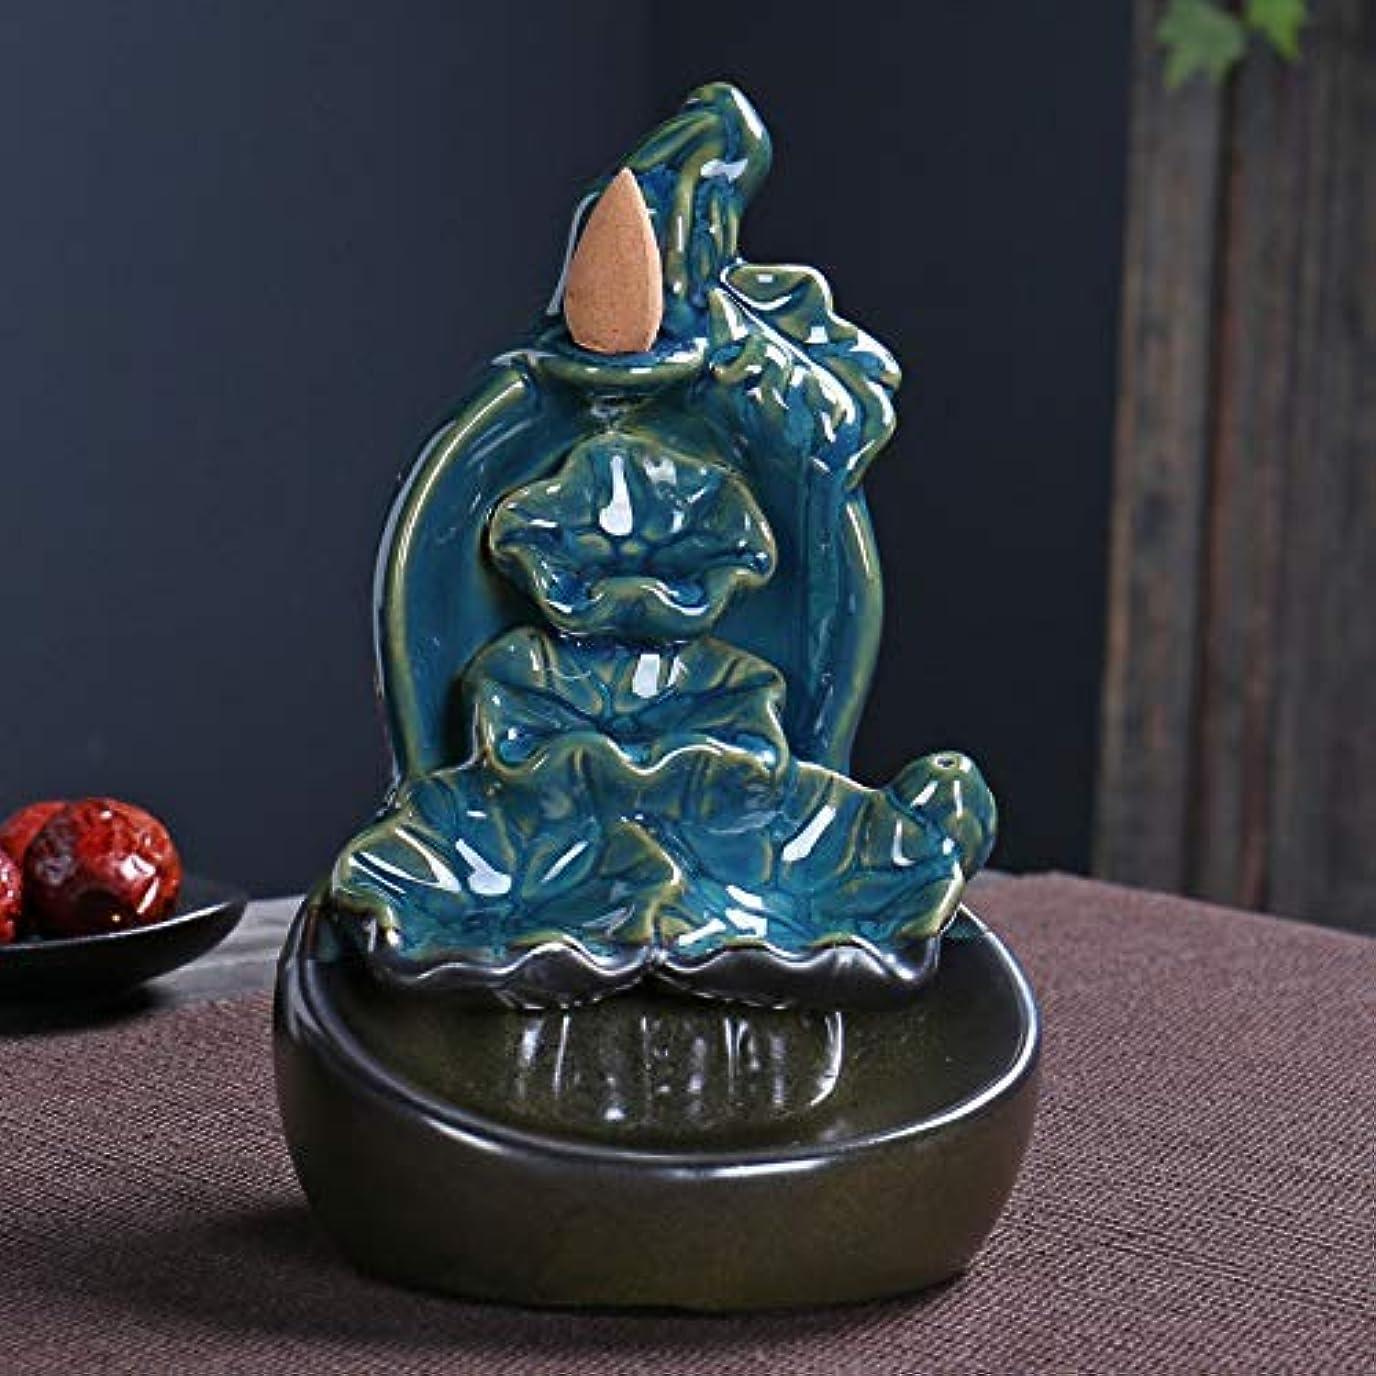 数値半径硫黄PHILOGOD 陶器 逆流香炉 蓮の葉クリエイティブスタイリング香炉 お香 ホルダー 香立て